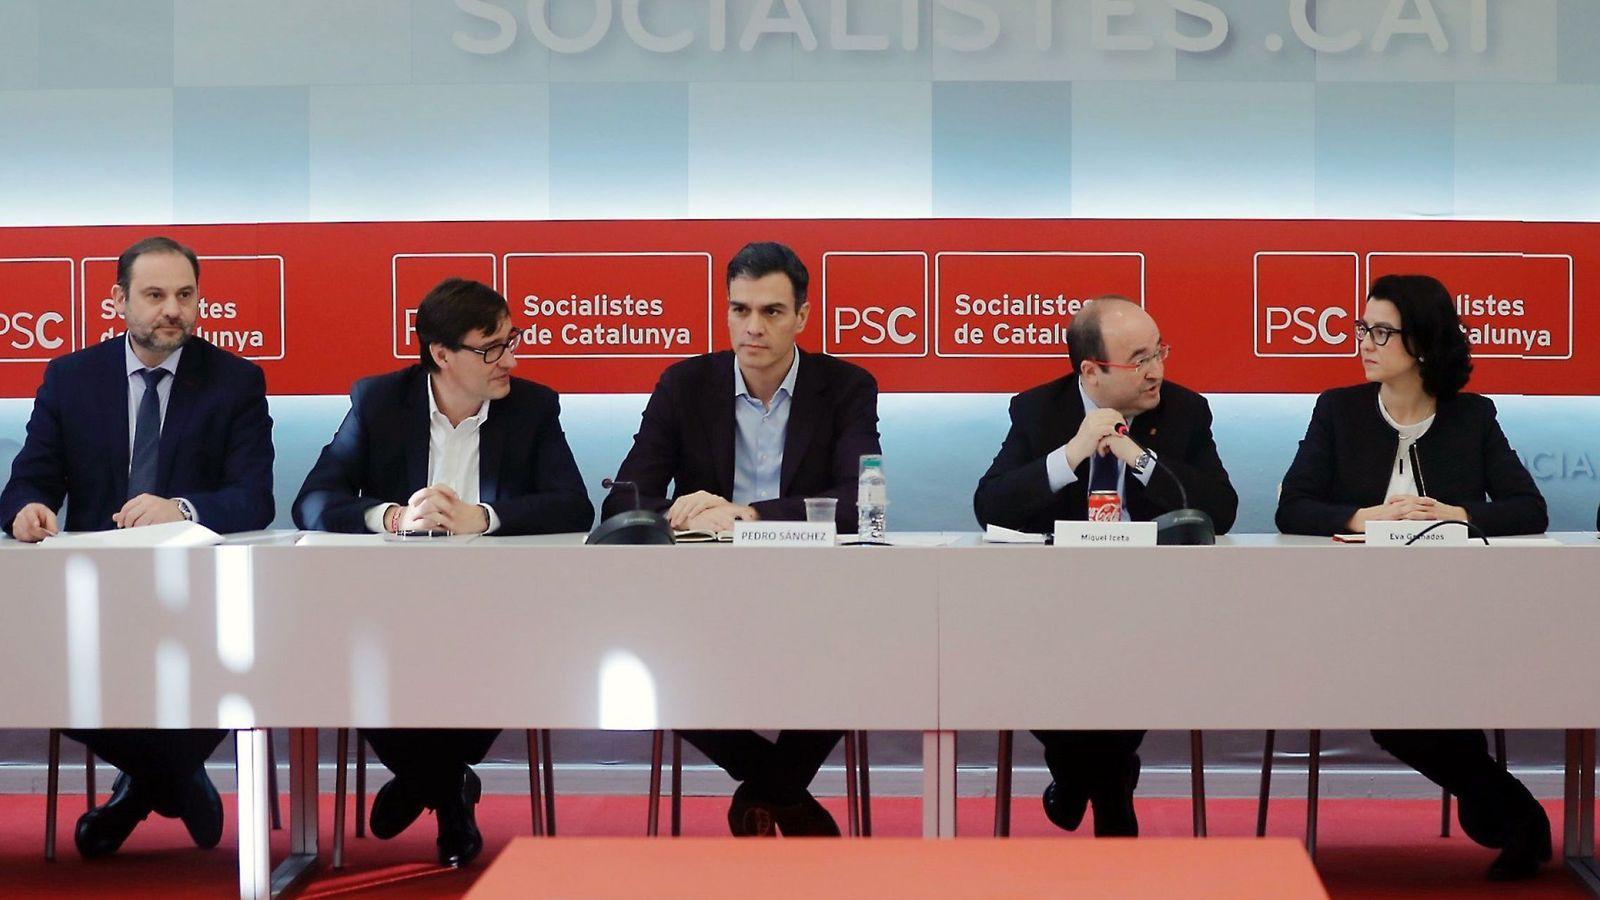 Elecciones Cataluña 2017  Sánchez esquiva la autocrítica 957e83f0f84